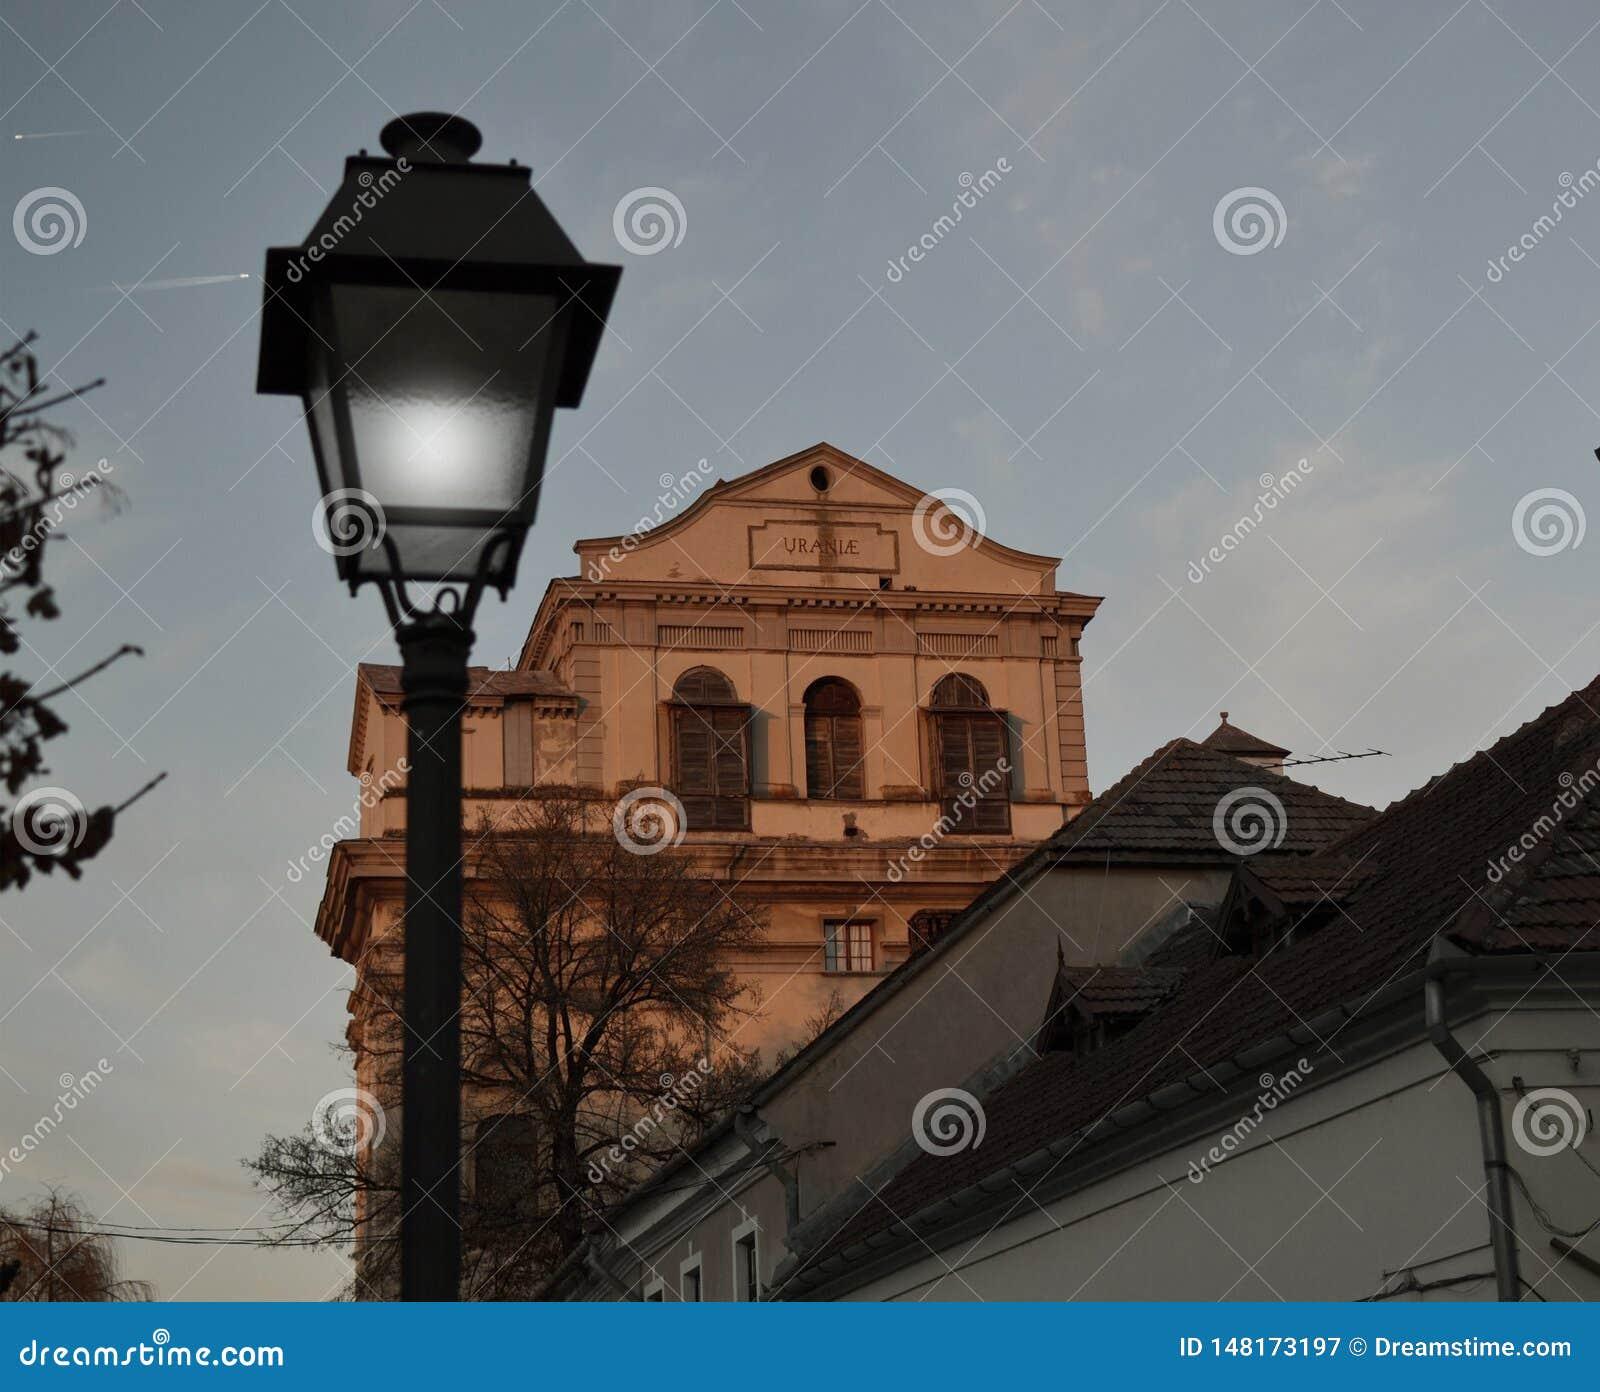 Edificio viejo con un histórico viejo